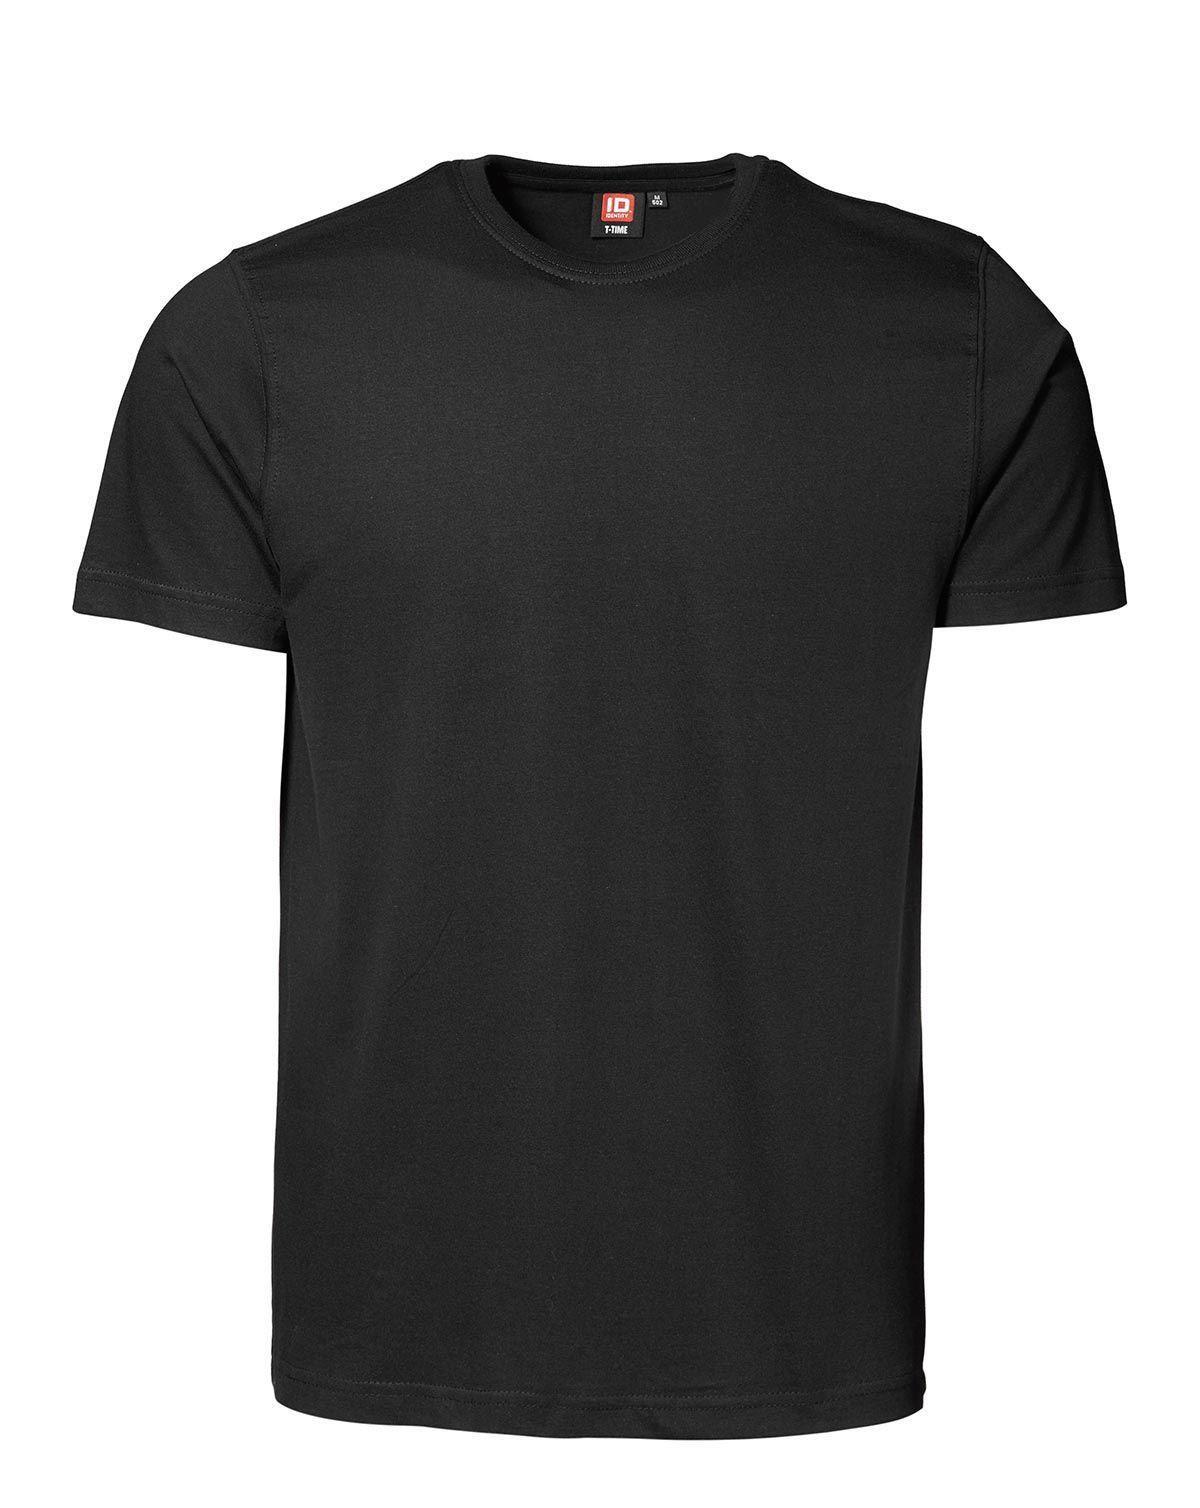 ID T-shirt, Sporty-Fit (Sort, M)